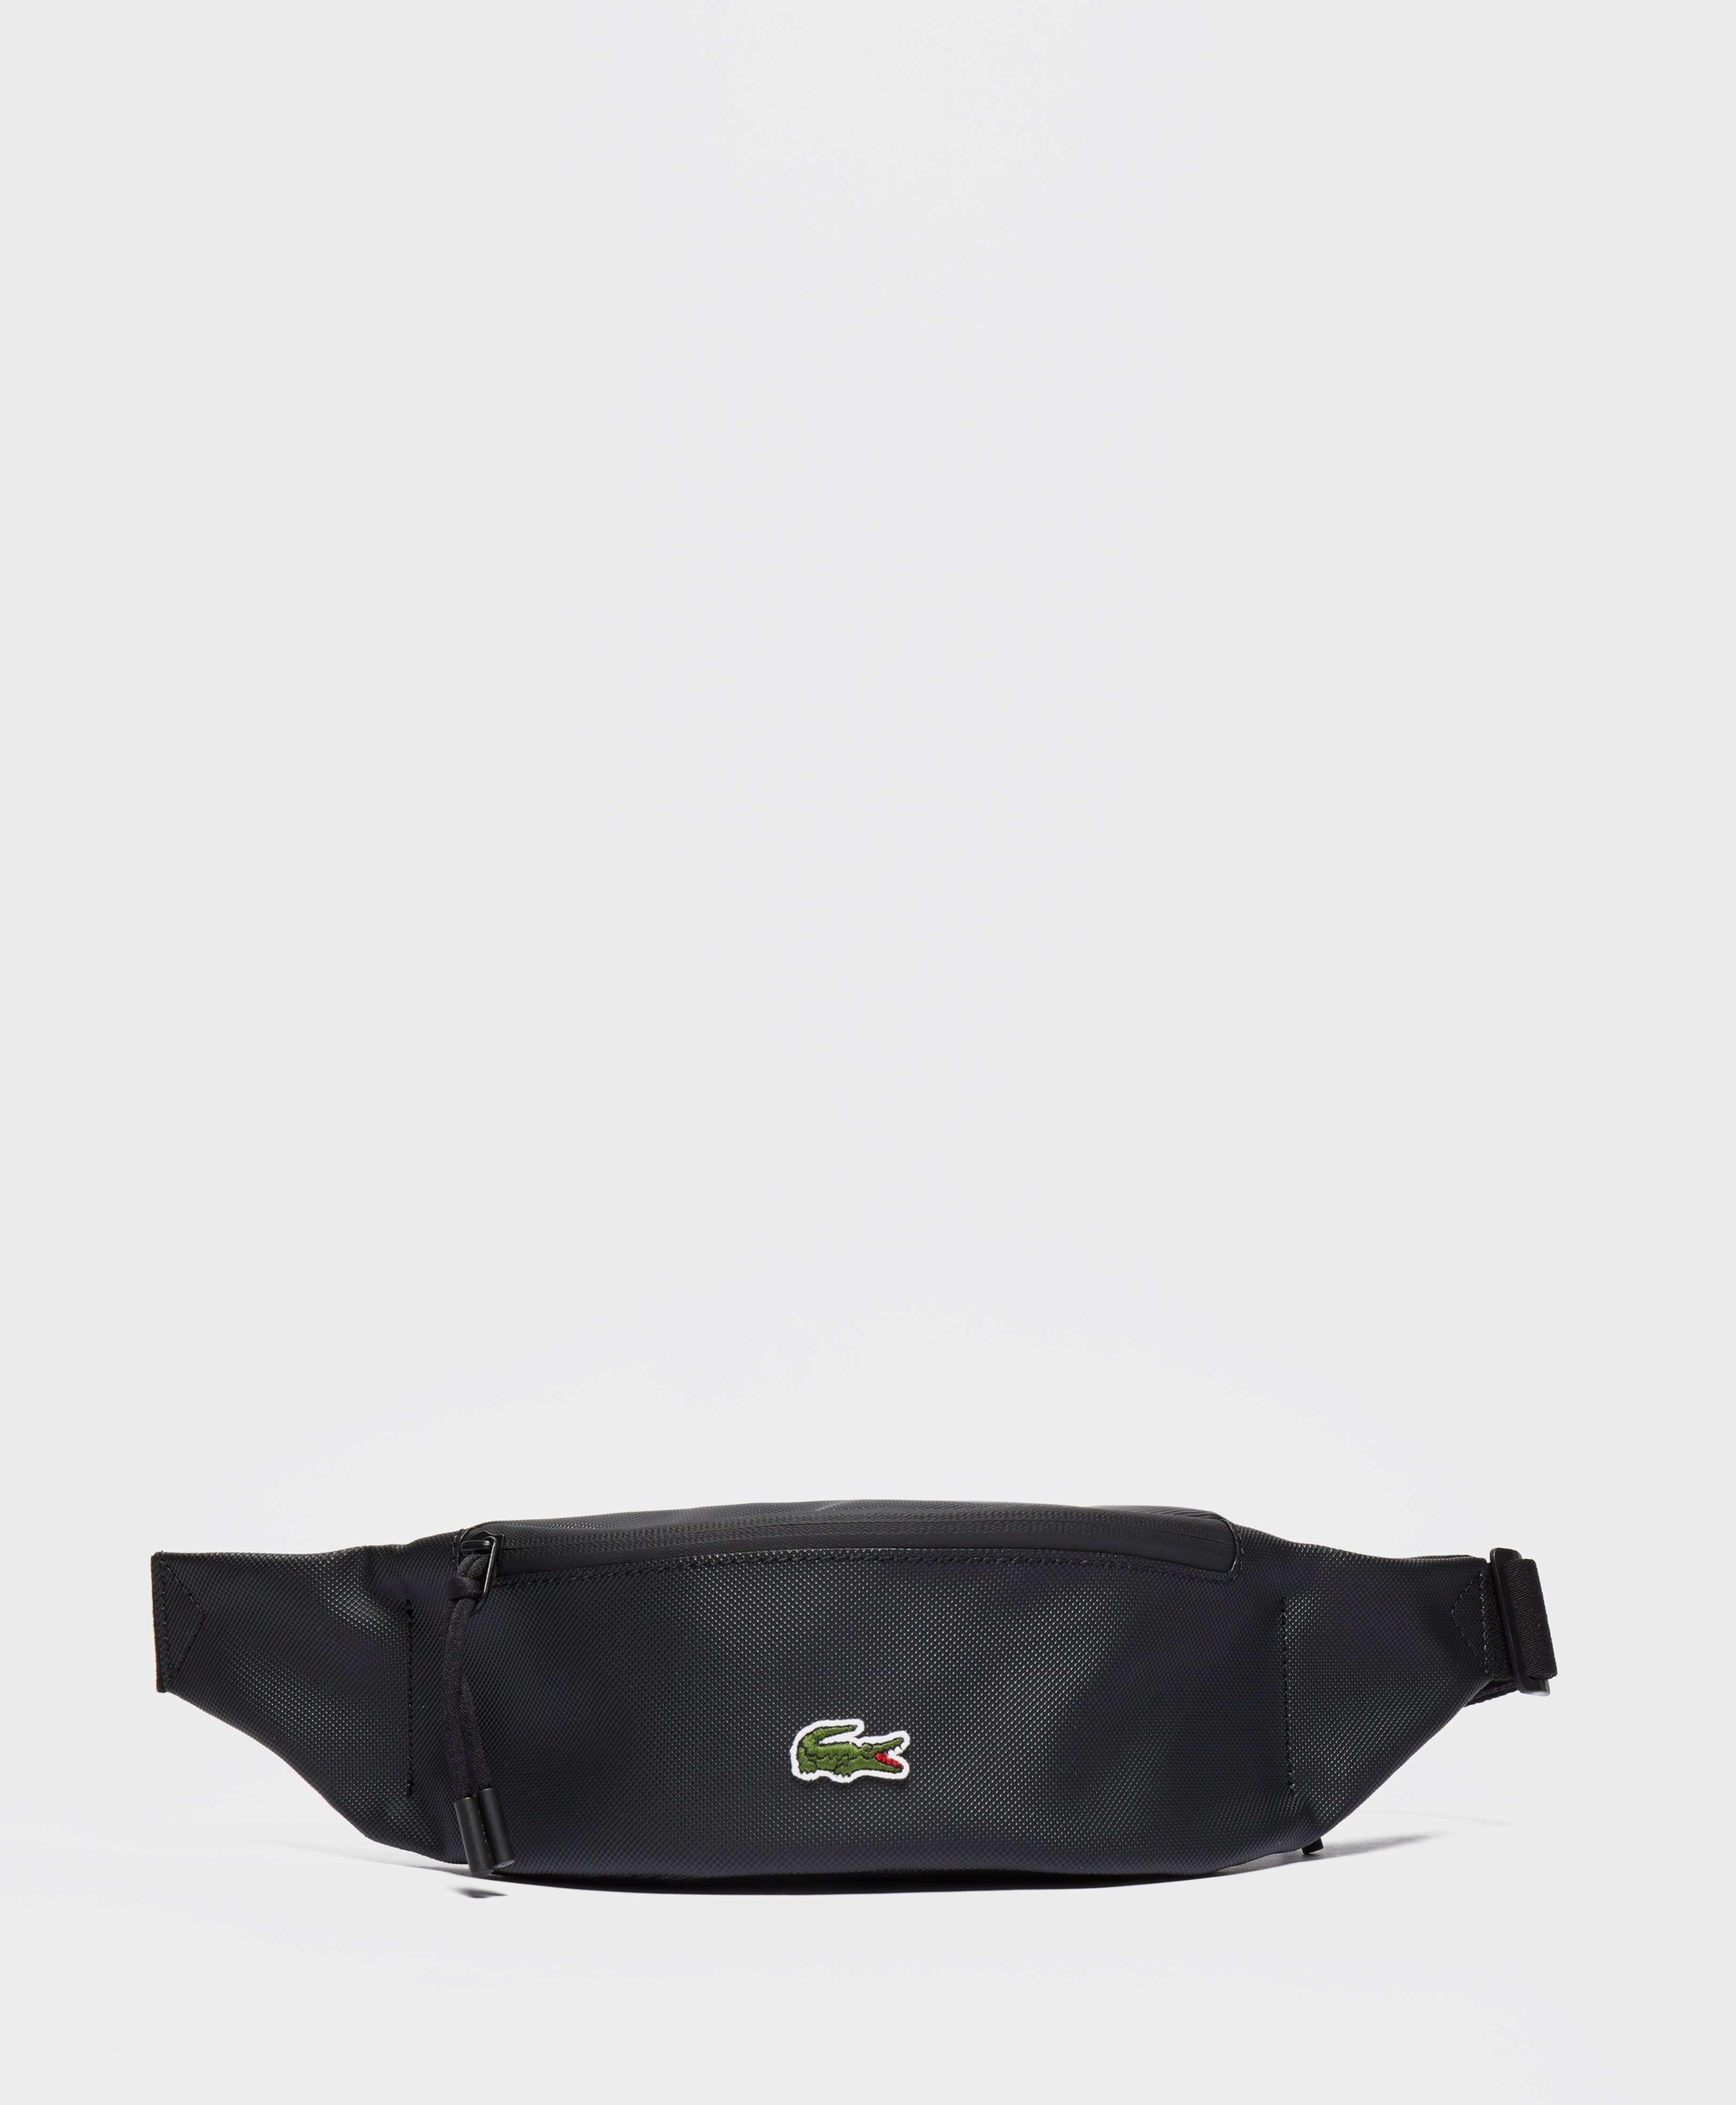 Lacoste Croc Bum Bag